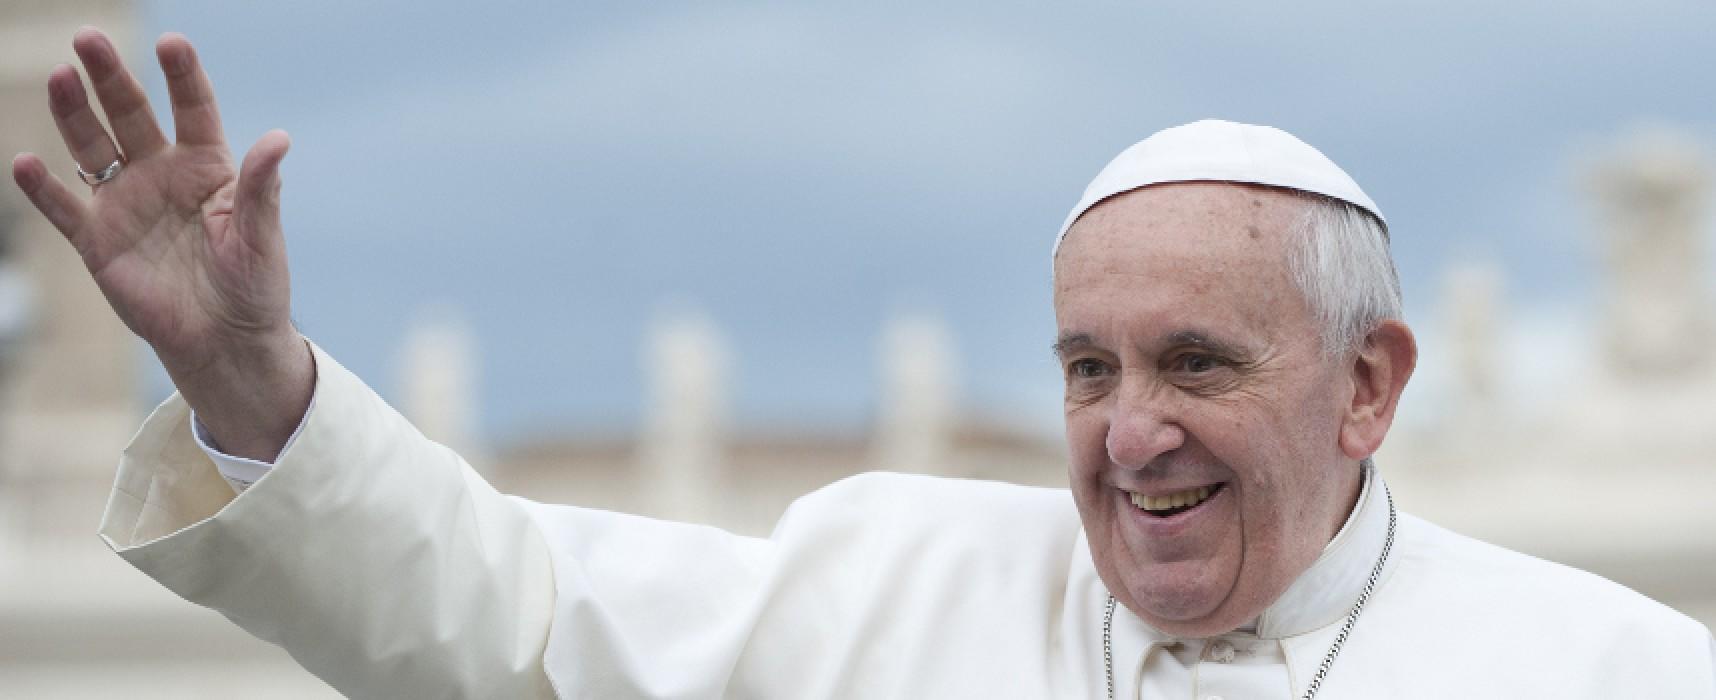 """Papa Francesco agli imprenditori della Bat: """"La persona sia sempre al centro dell'economia"""""""